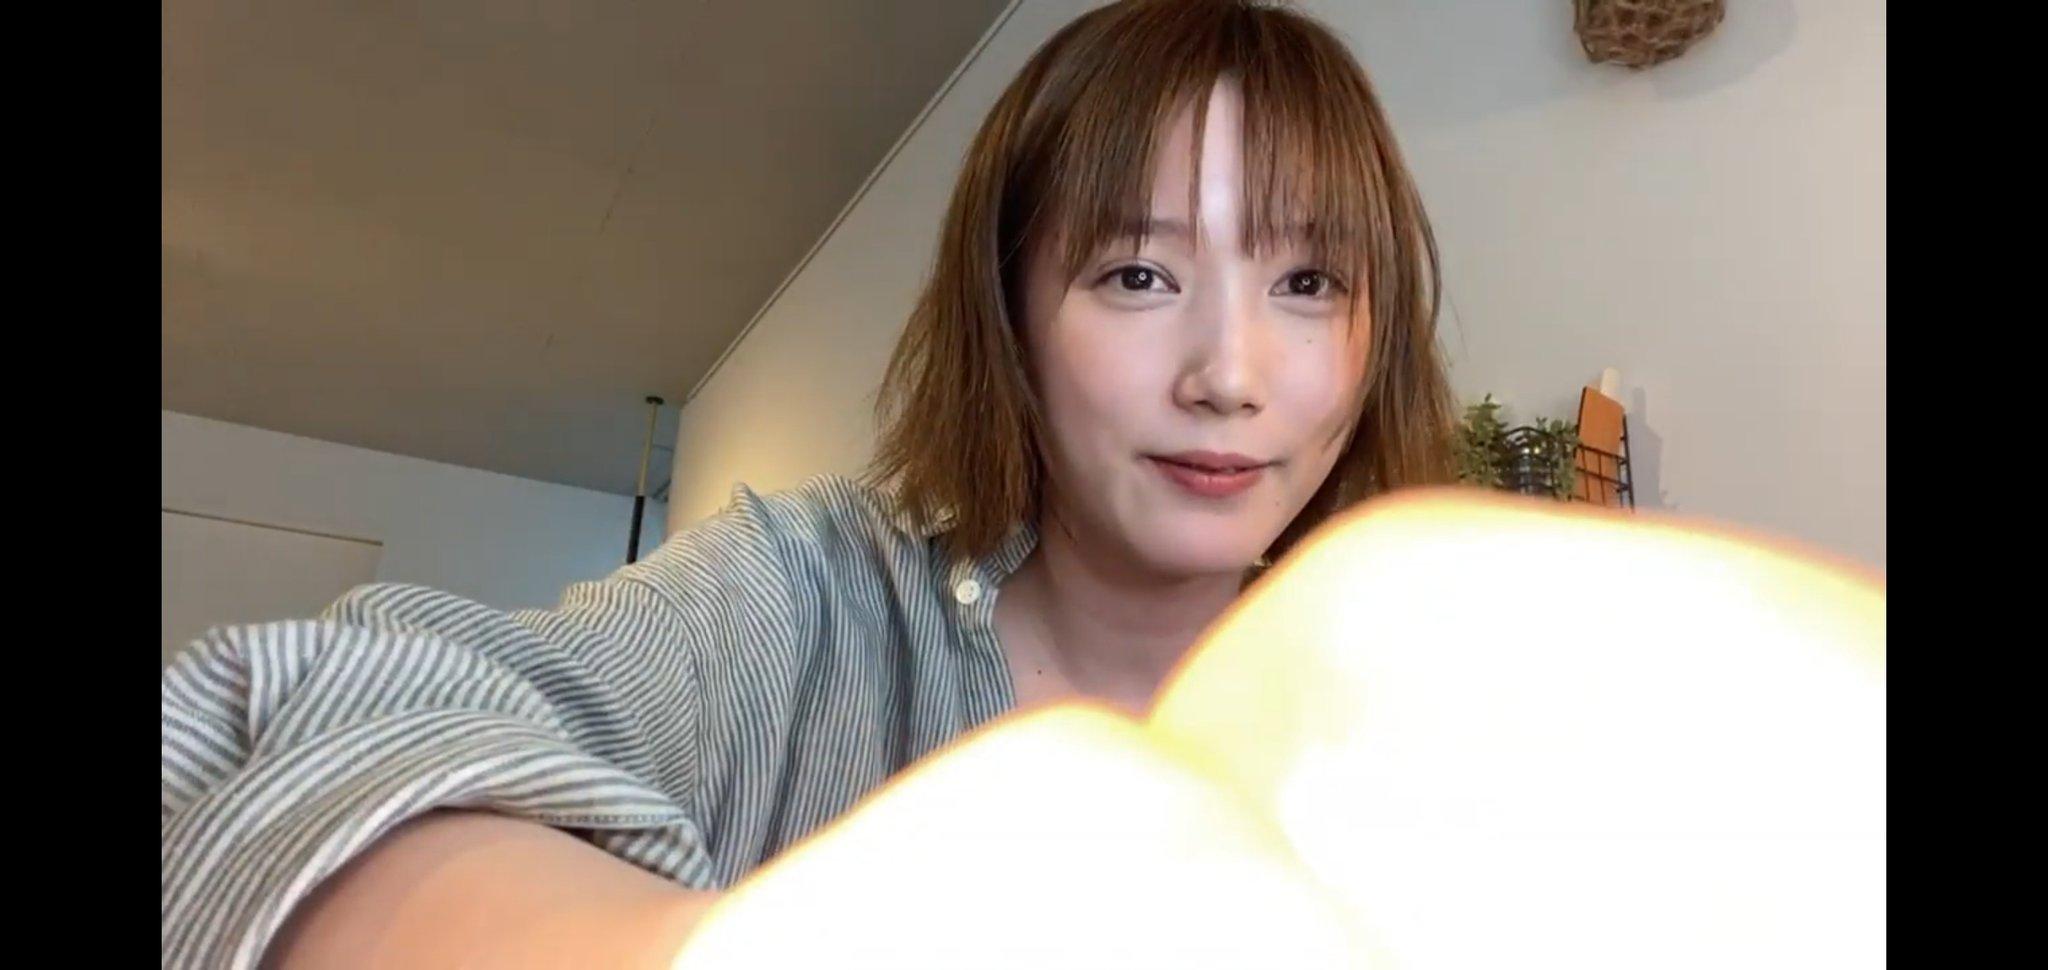 本田翼 YouTube配信で「韓国製日焼け止め数値改ざん騒動」を弁明